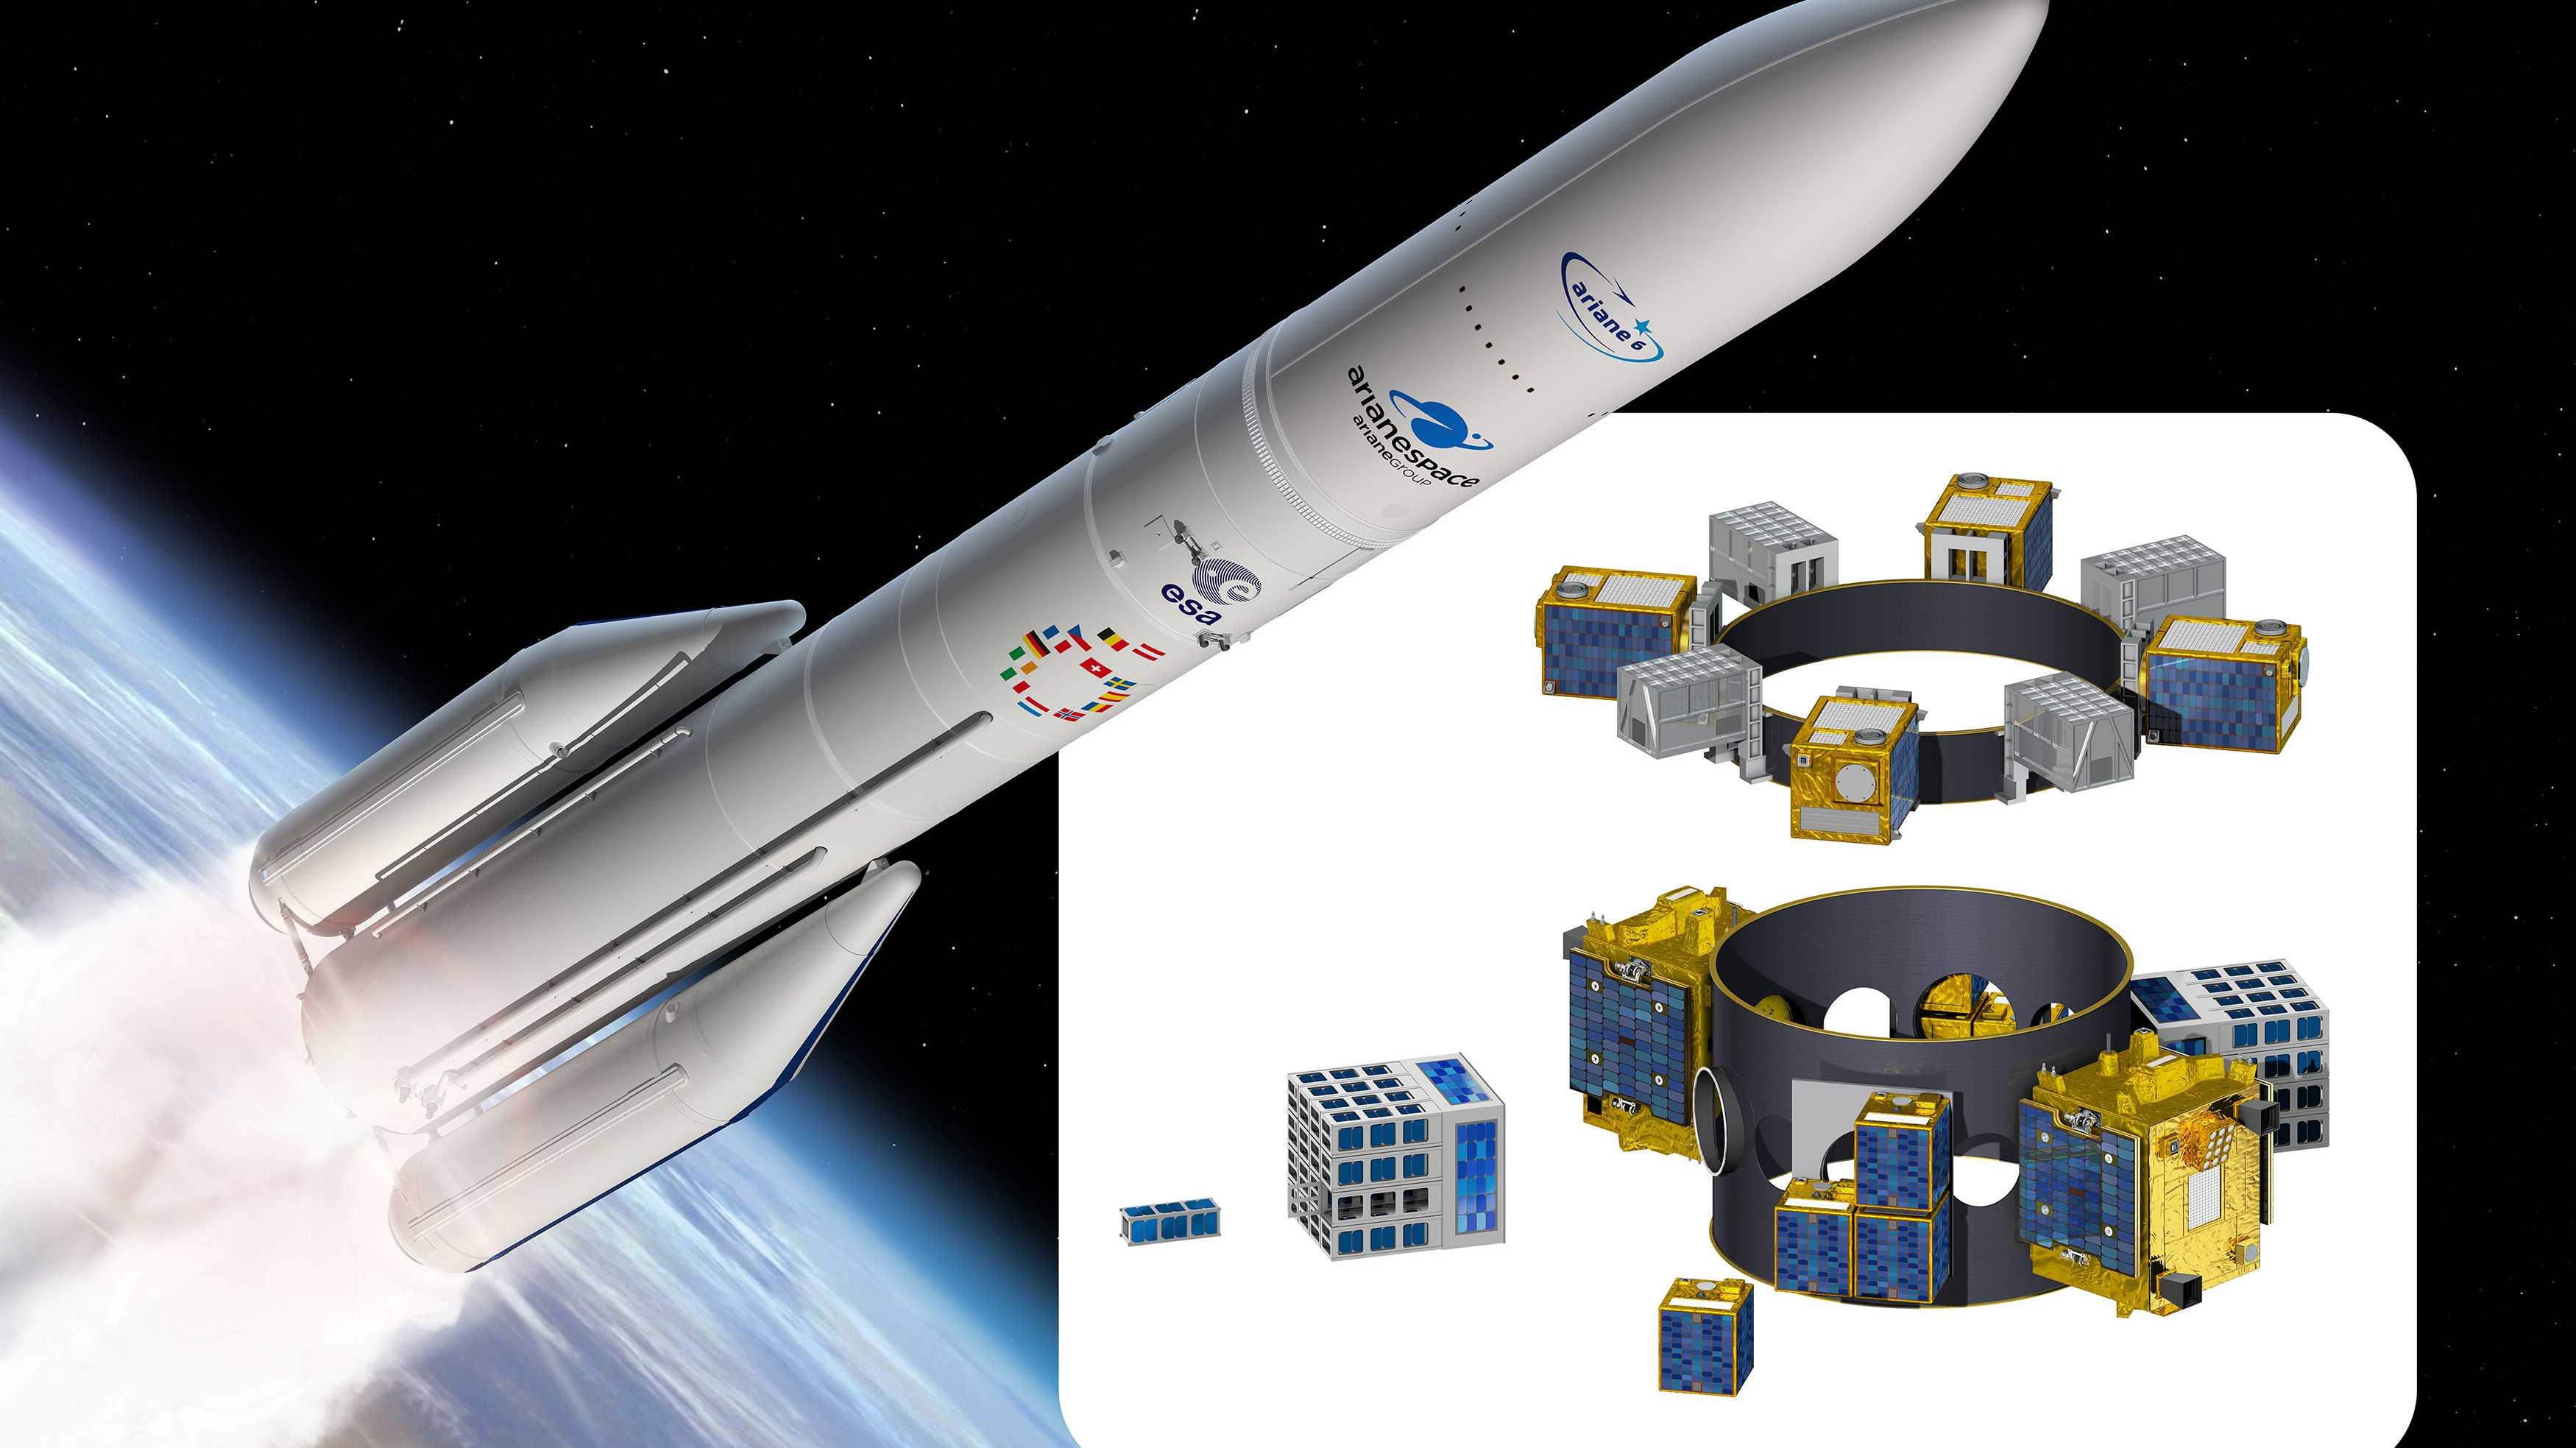 Ariane-6-Raketenteile aus dem 3D-Drucker: Europas Antwort auf SpaceX